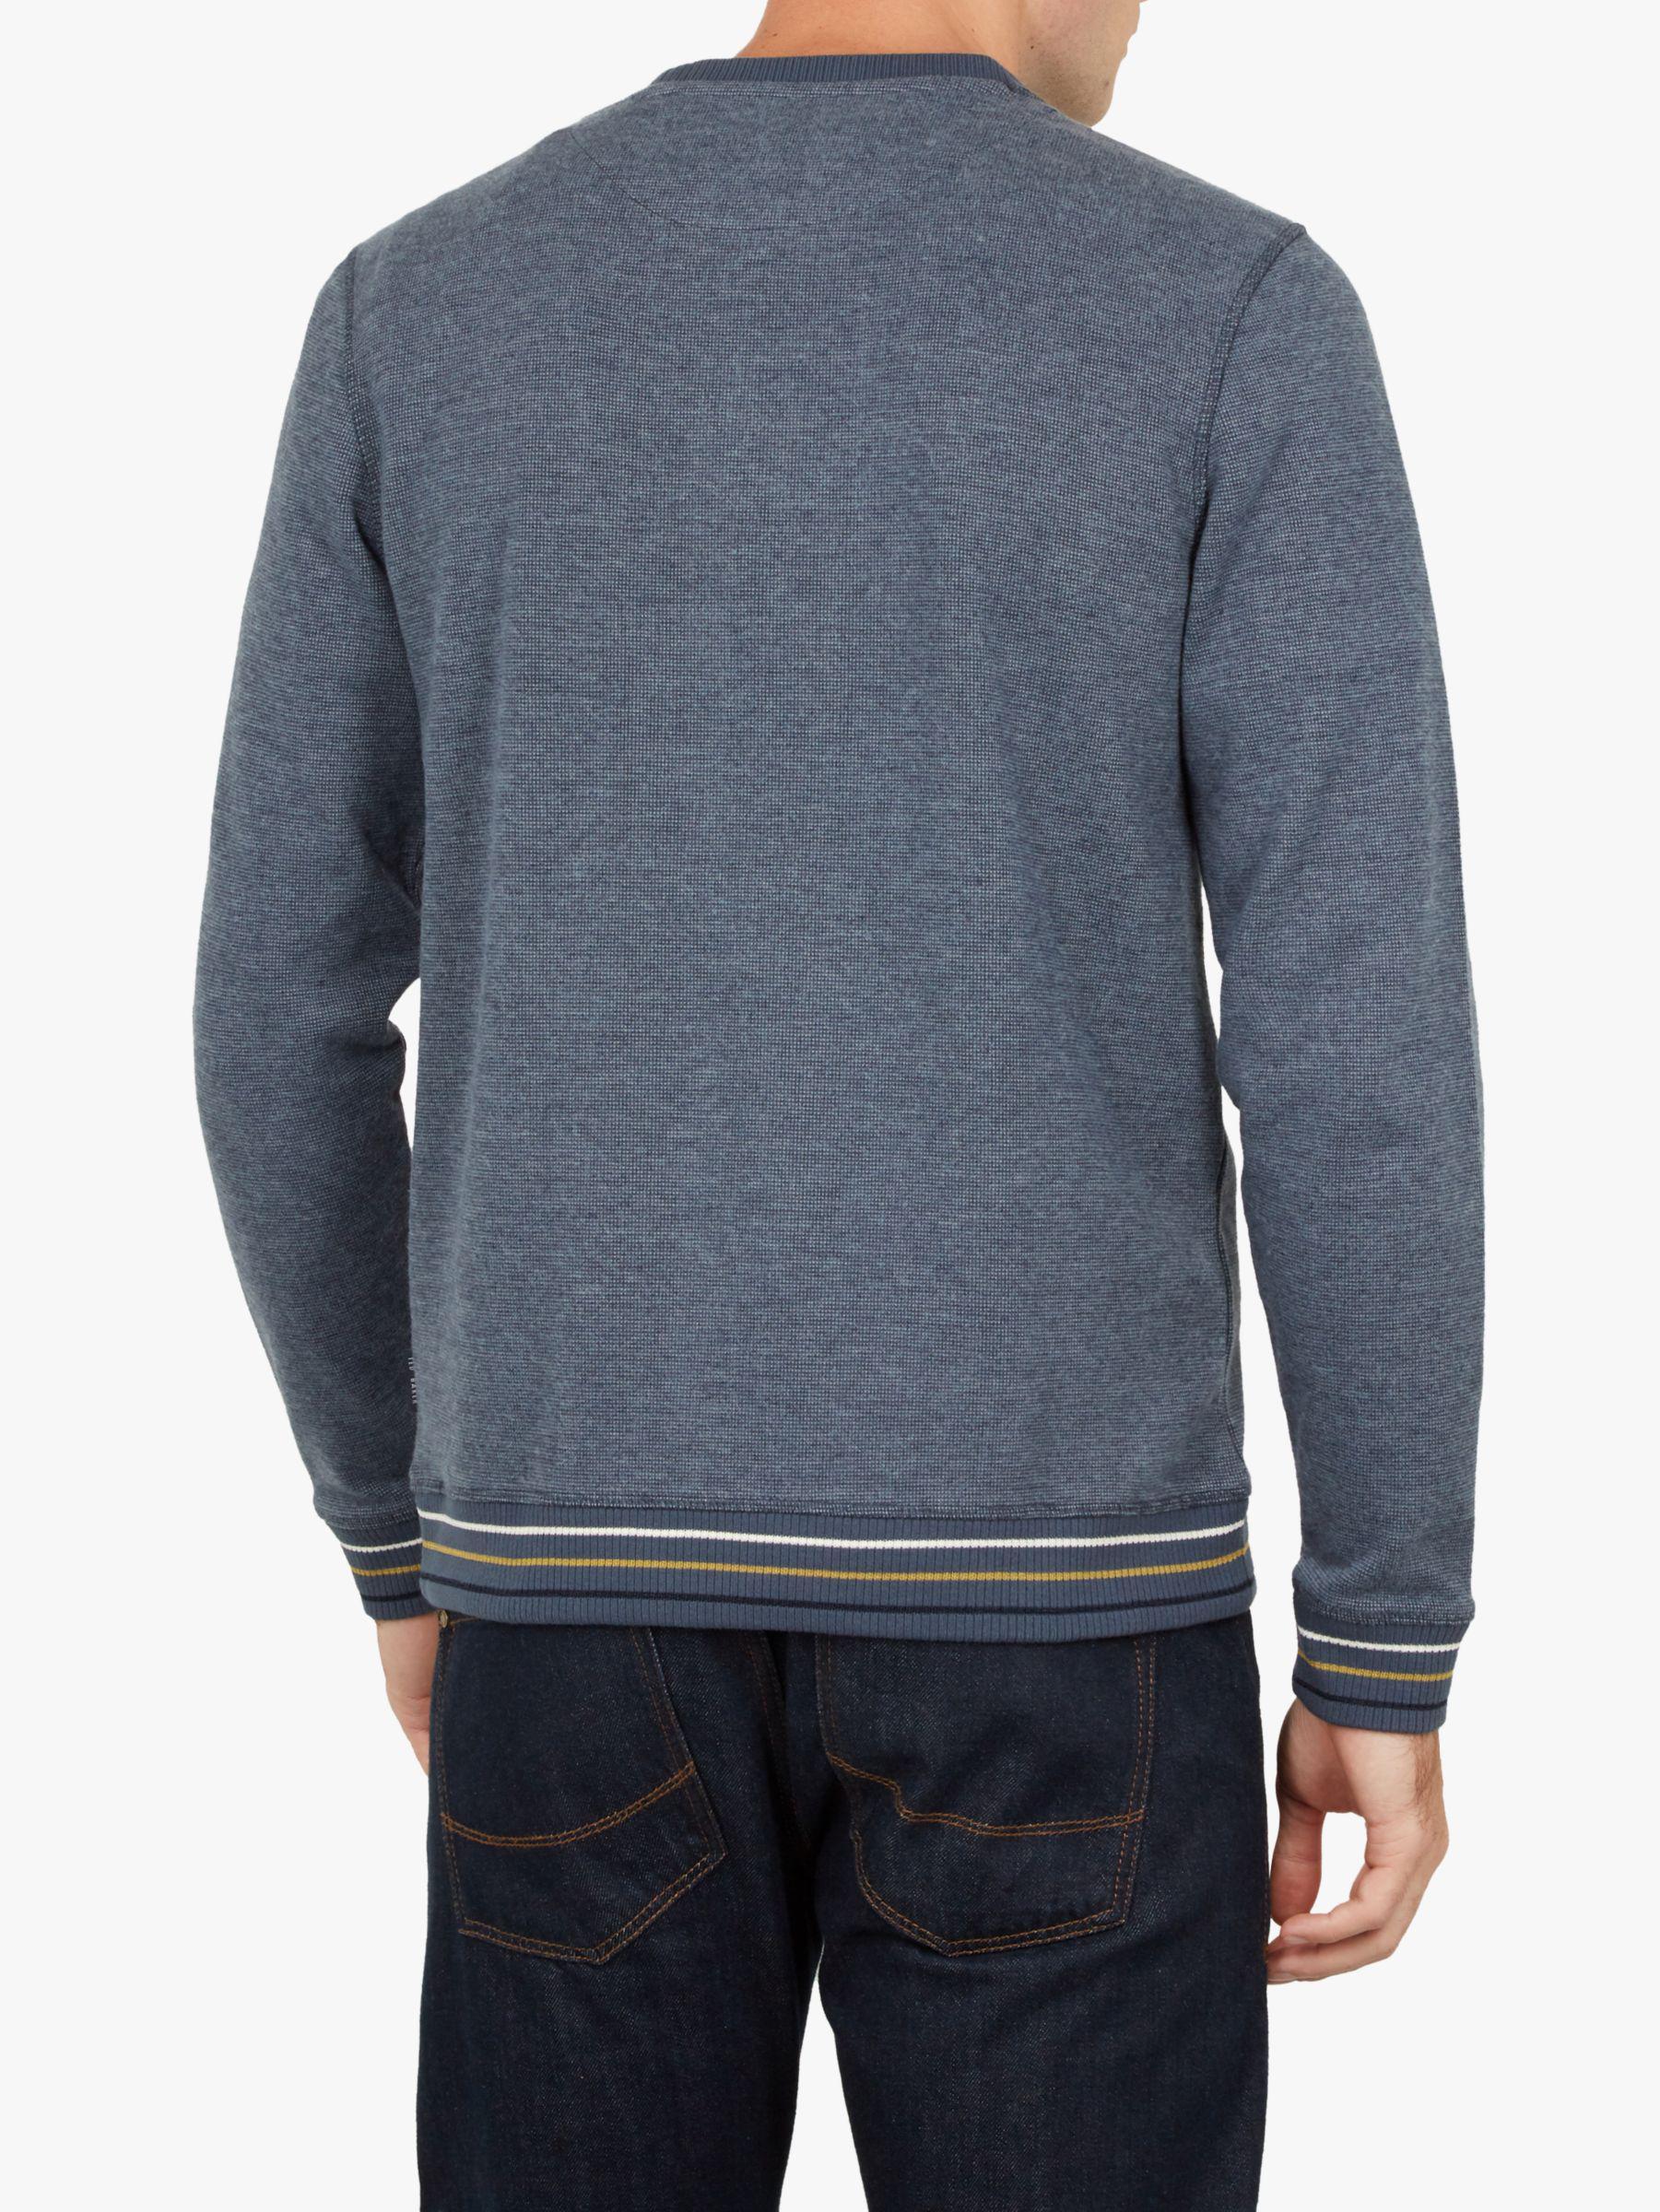 a6fad4ac3 Ted Baker Sahera Jersey Sweatshirt in Blue for Men - Lyst